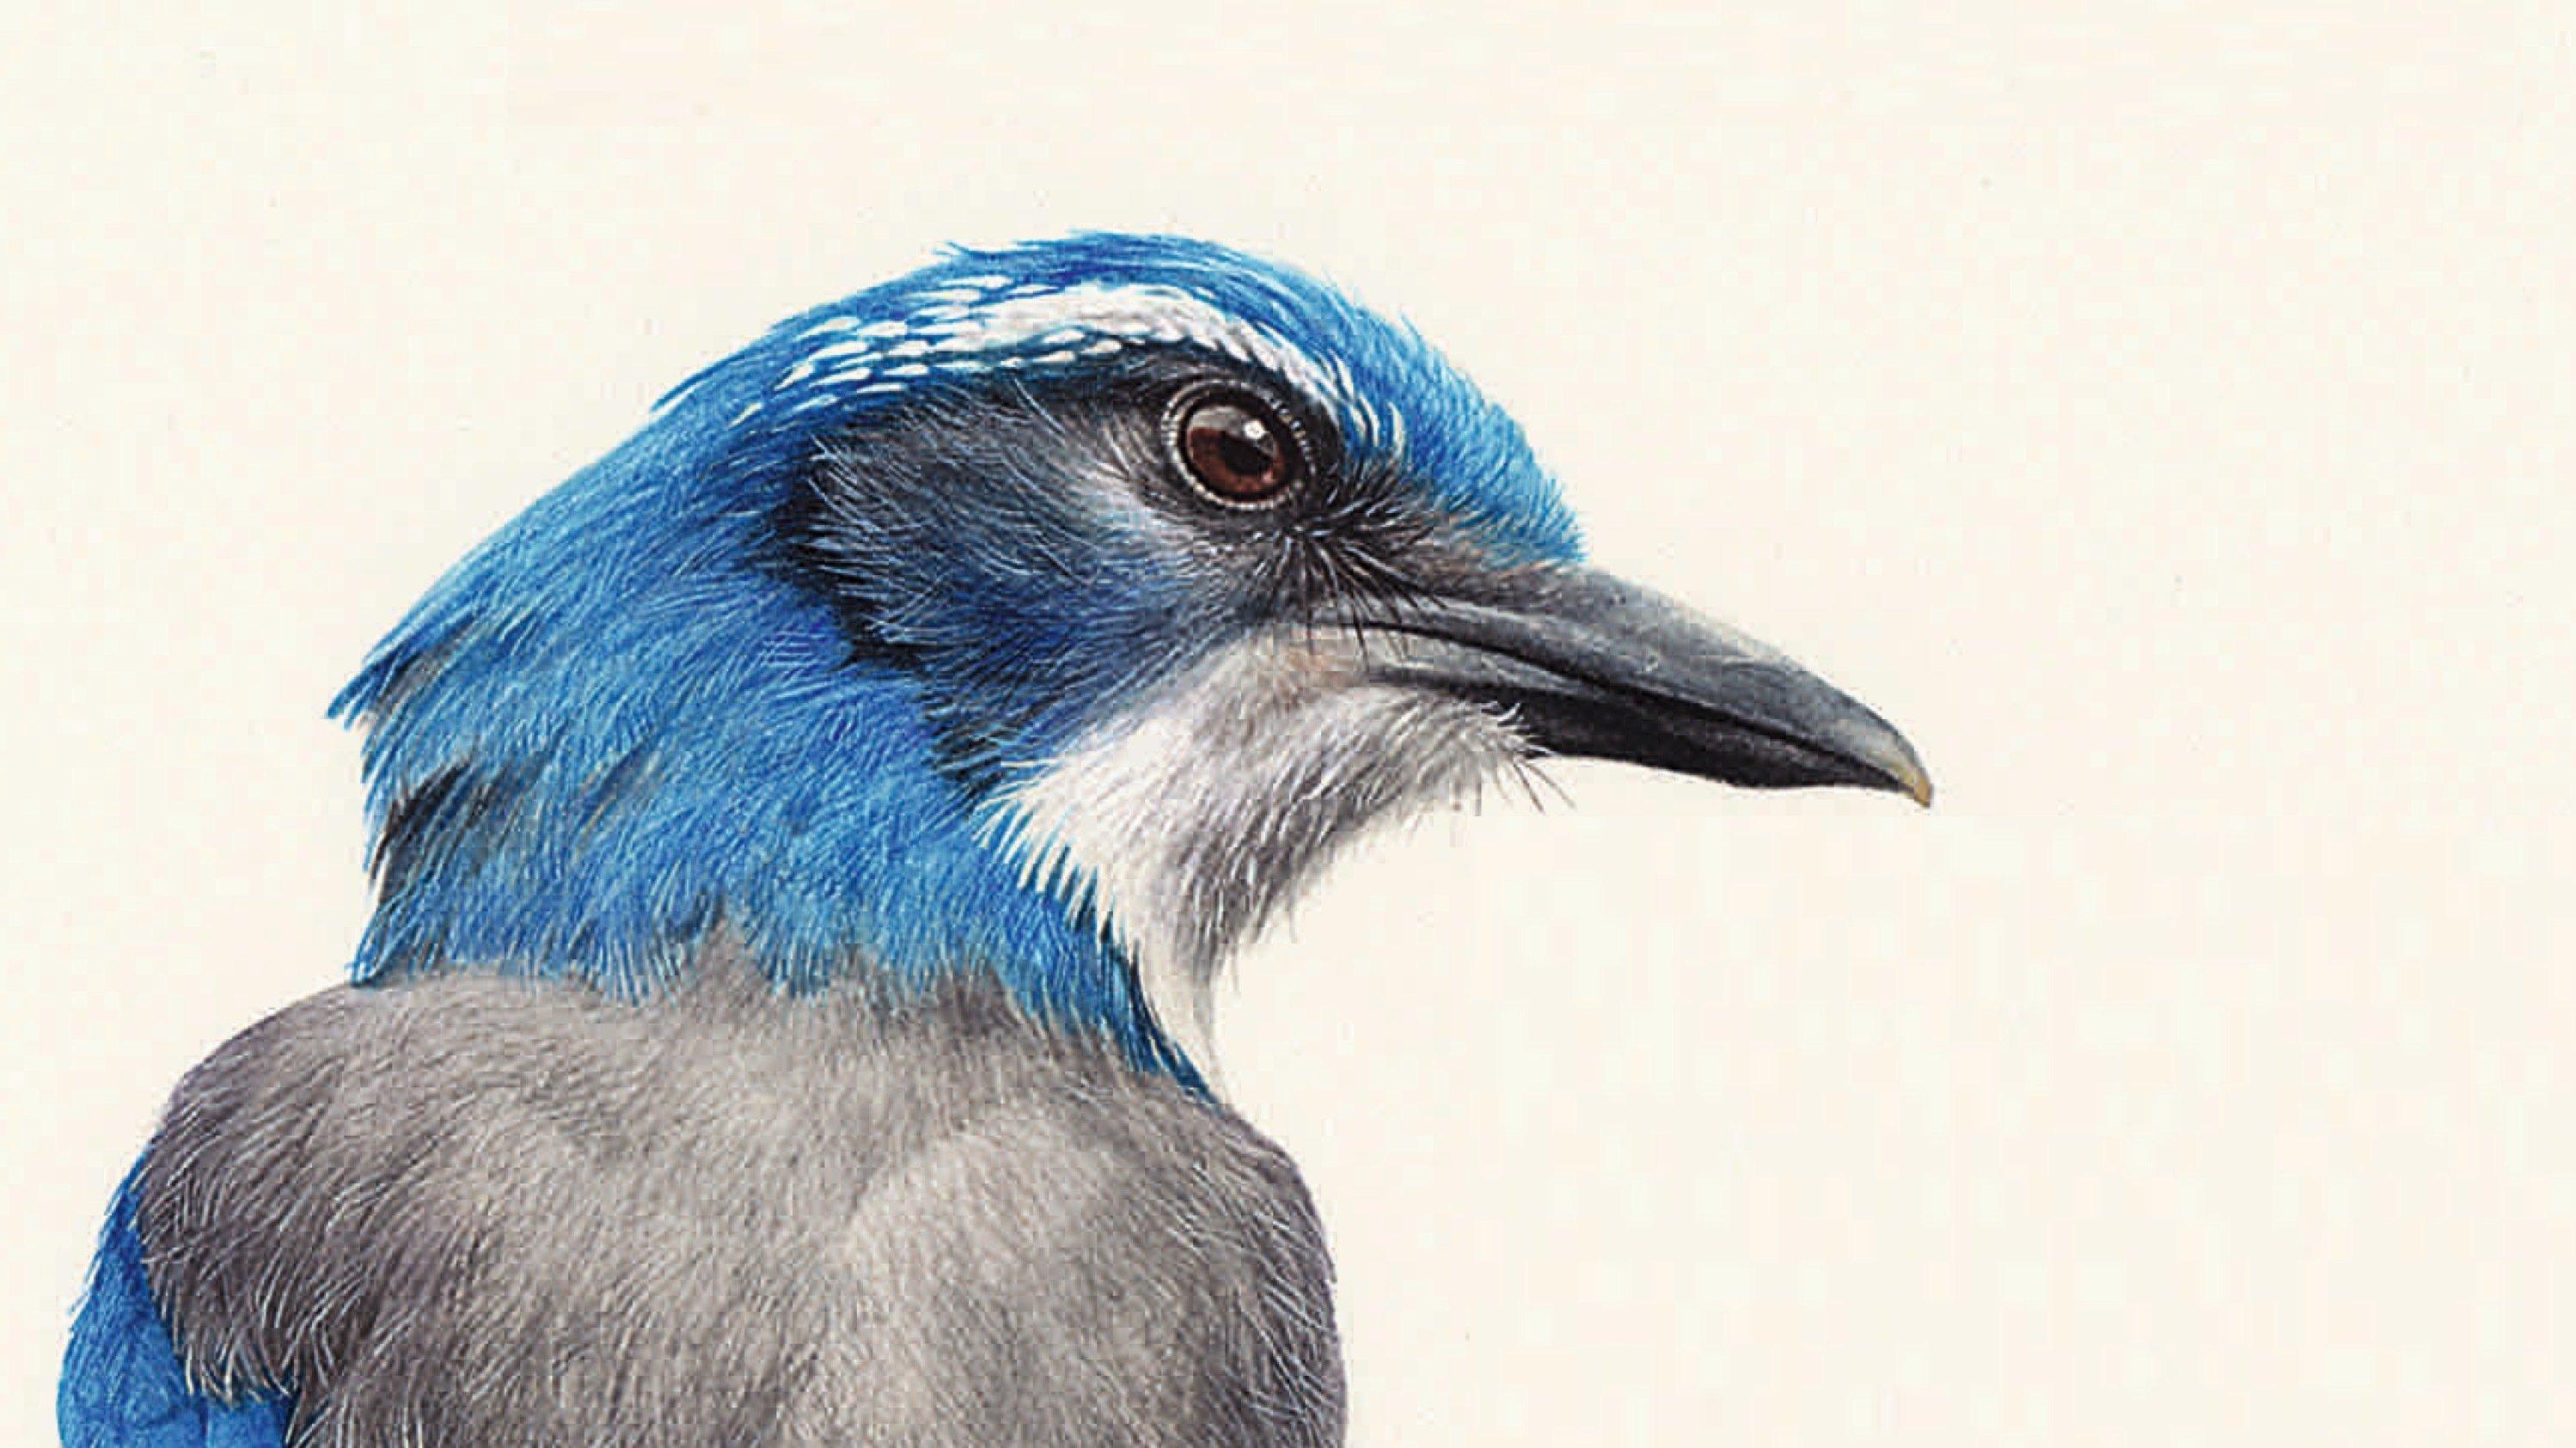 Zu sehen ist das Cover des Buchs, das einen blauköpfigen Vogel darstellt.